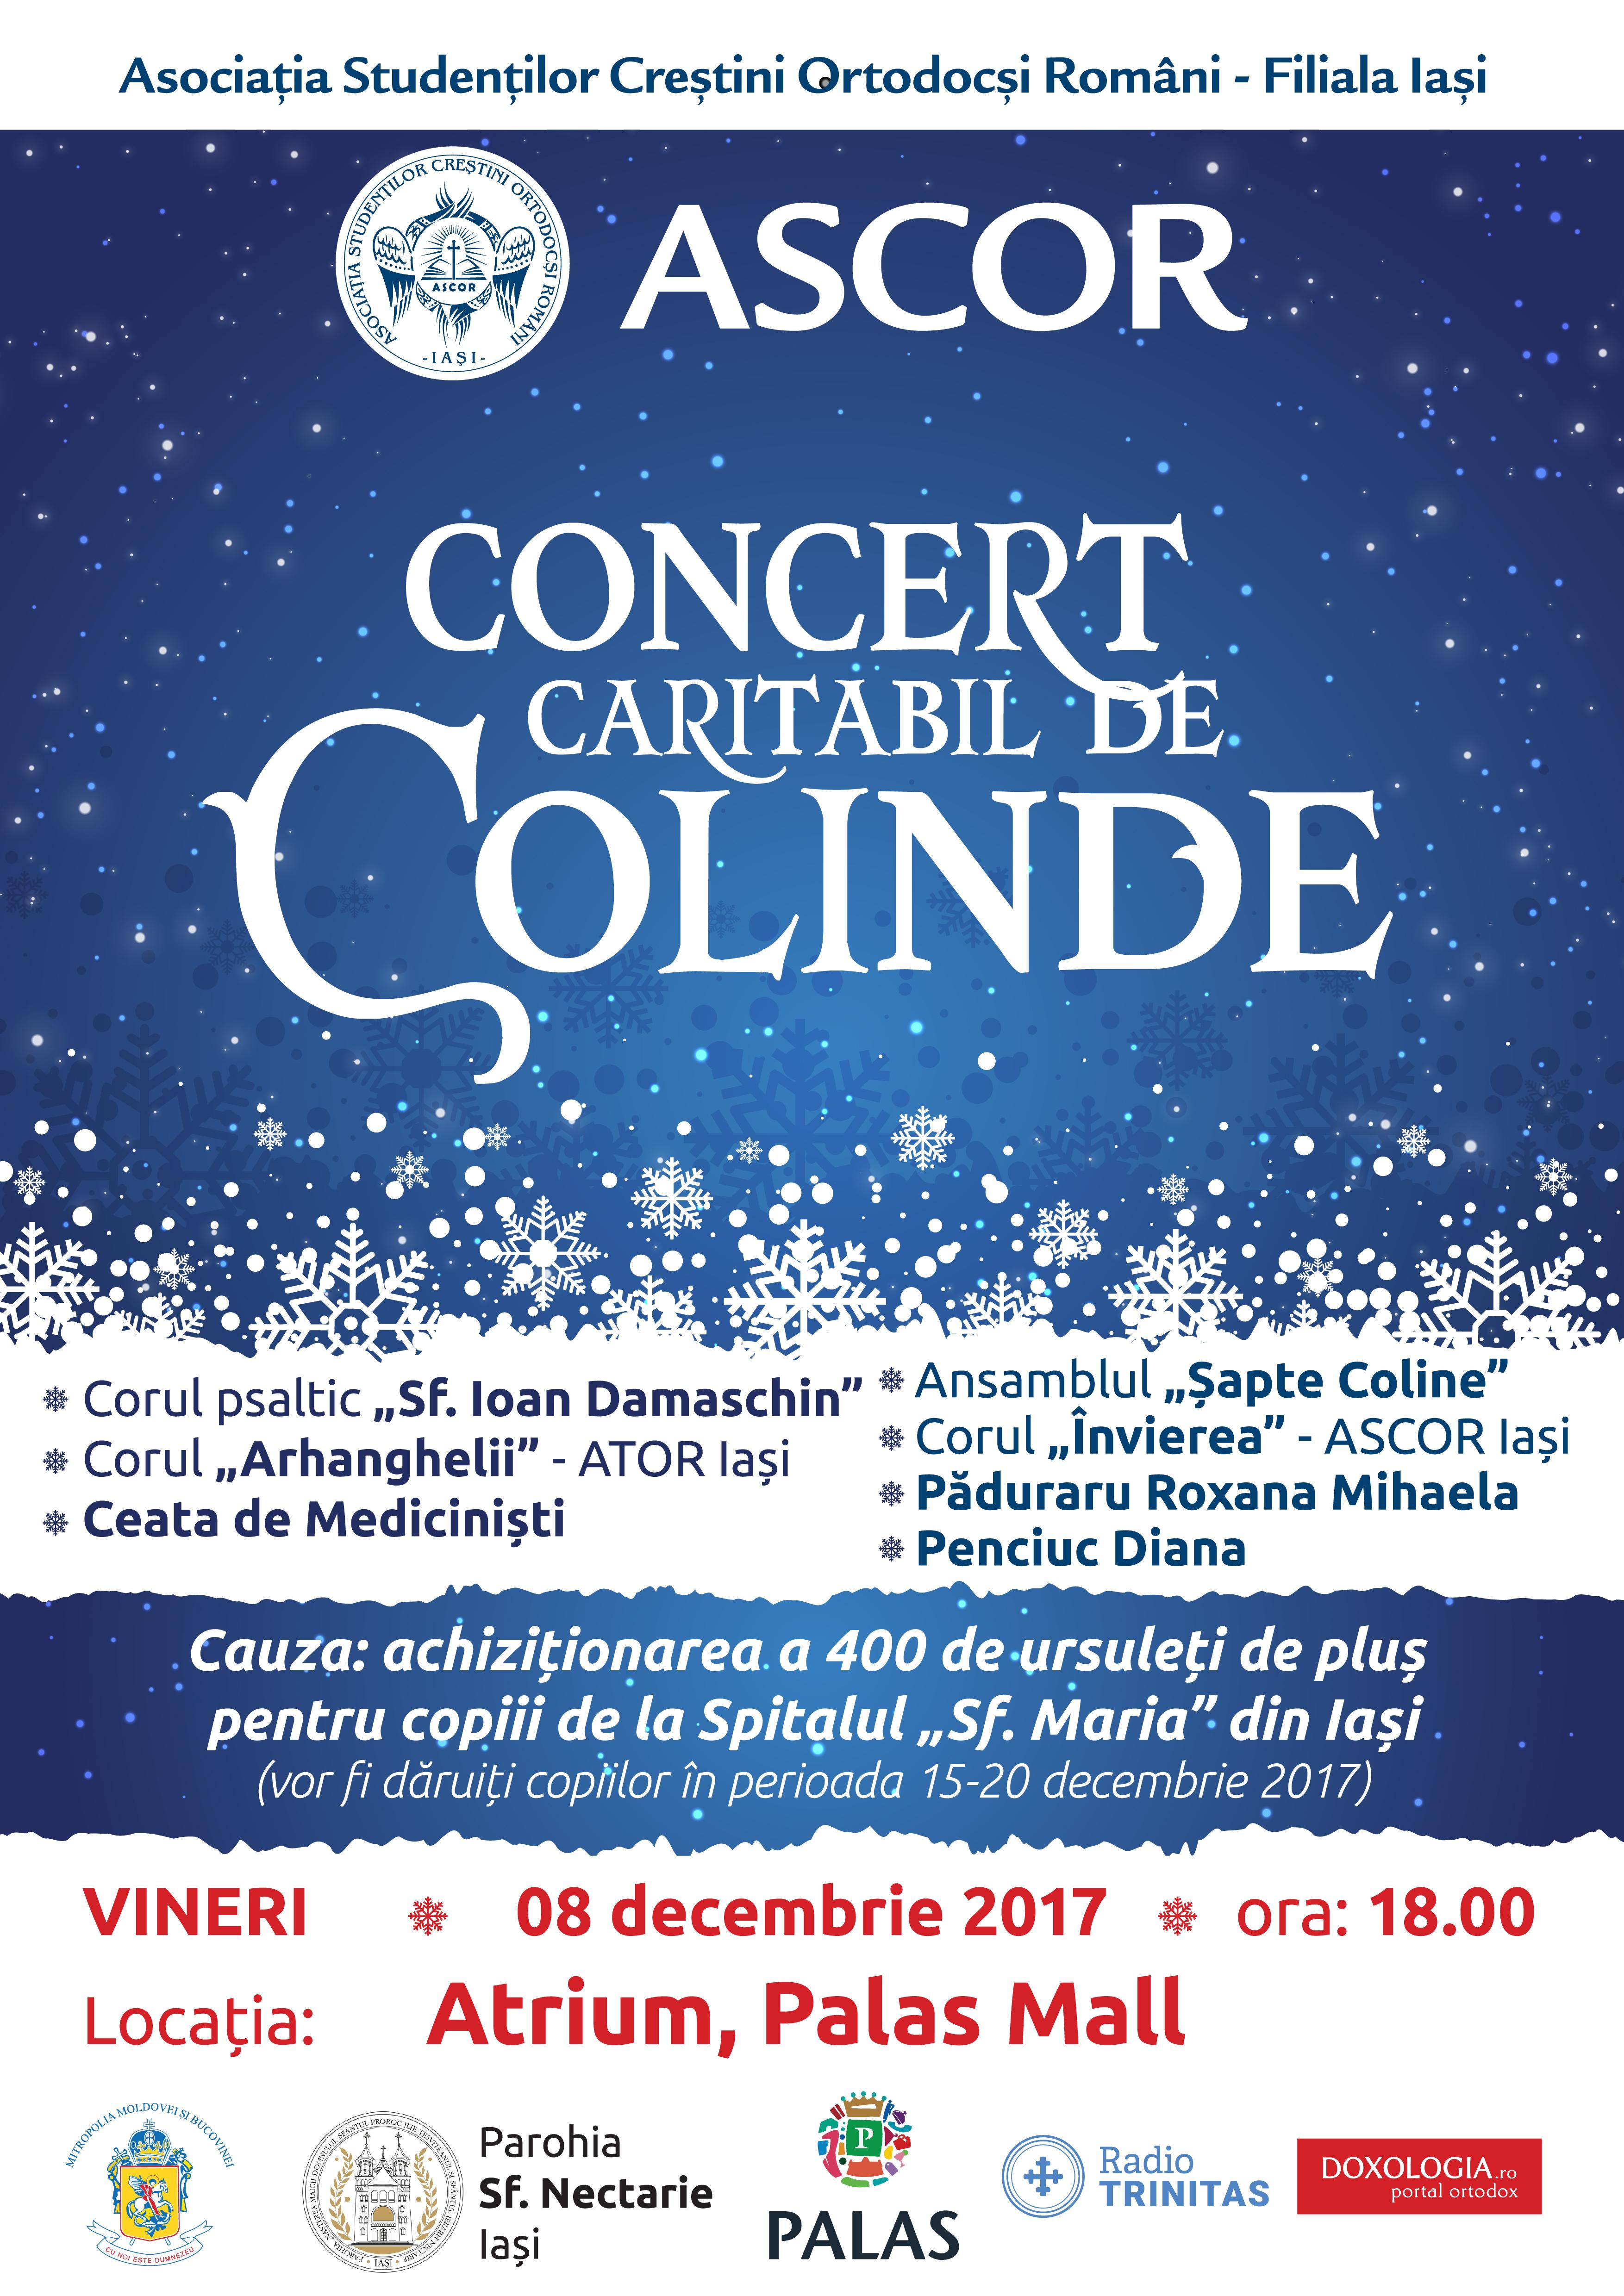 concert_de_colinde_ascor_iasi_palas_iasi